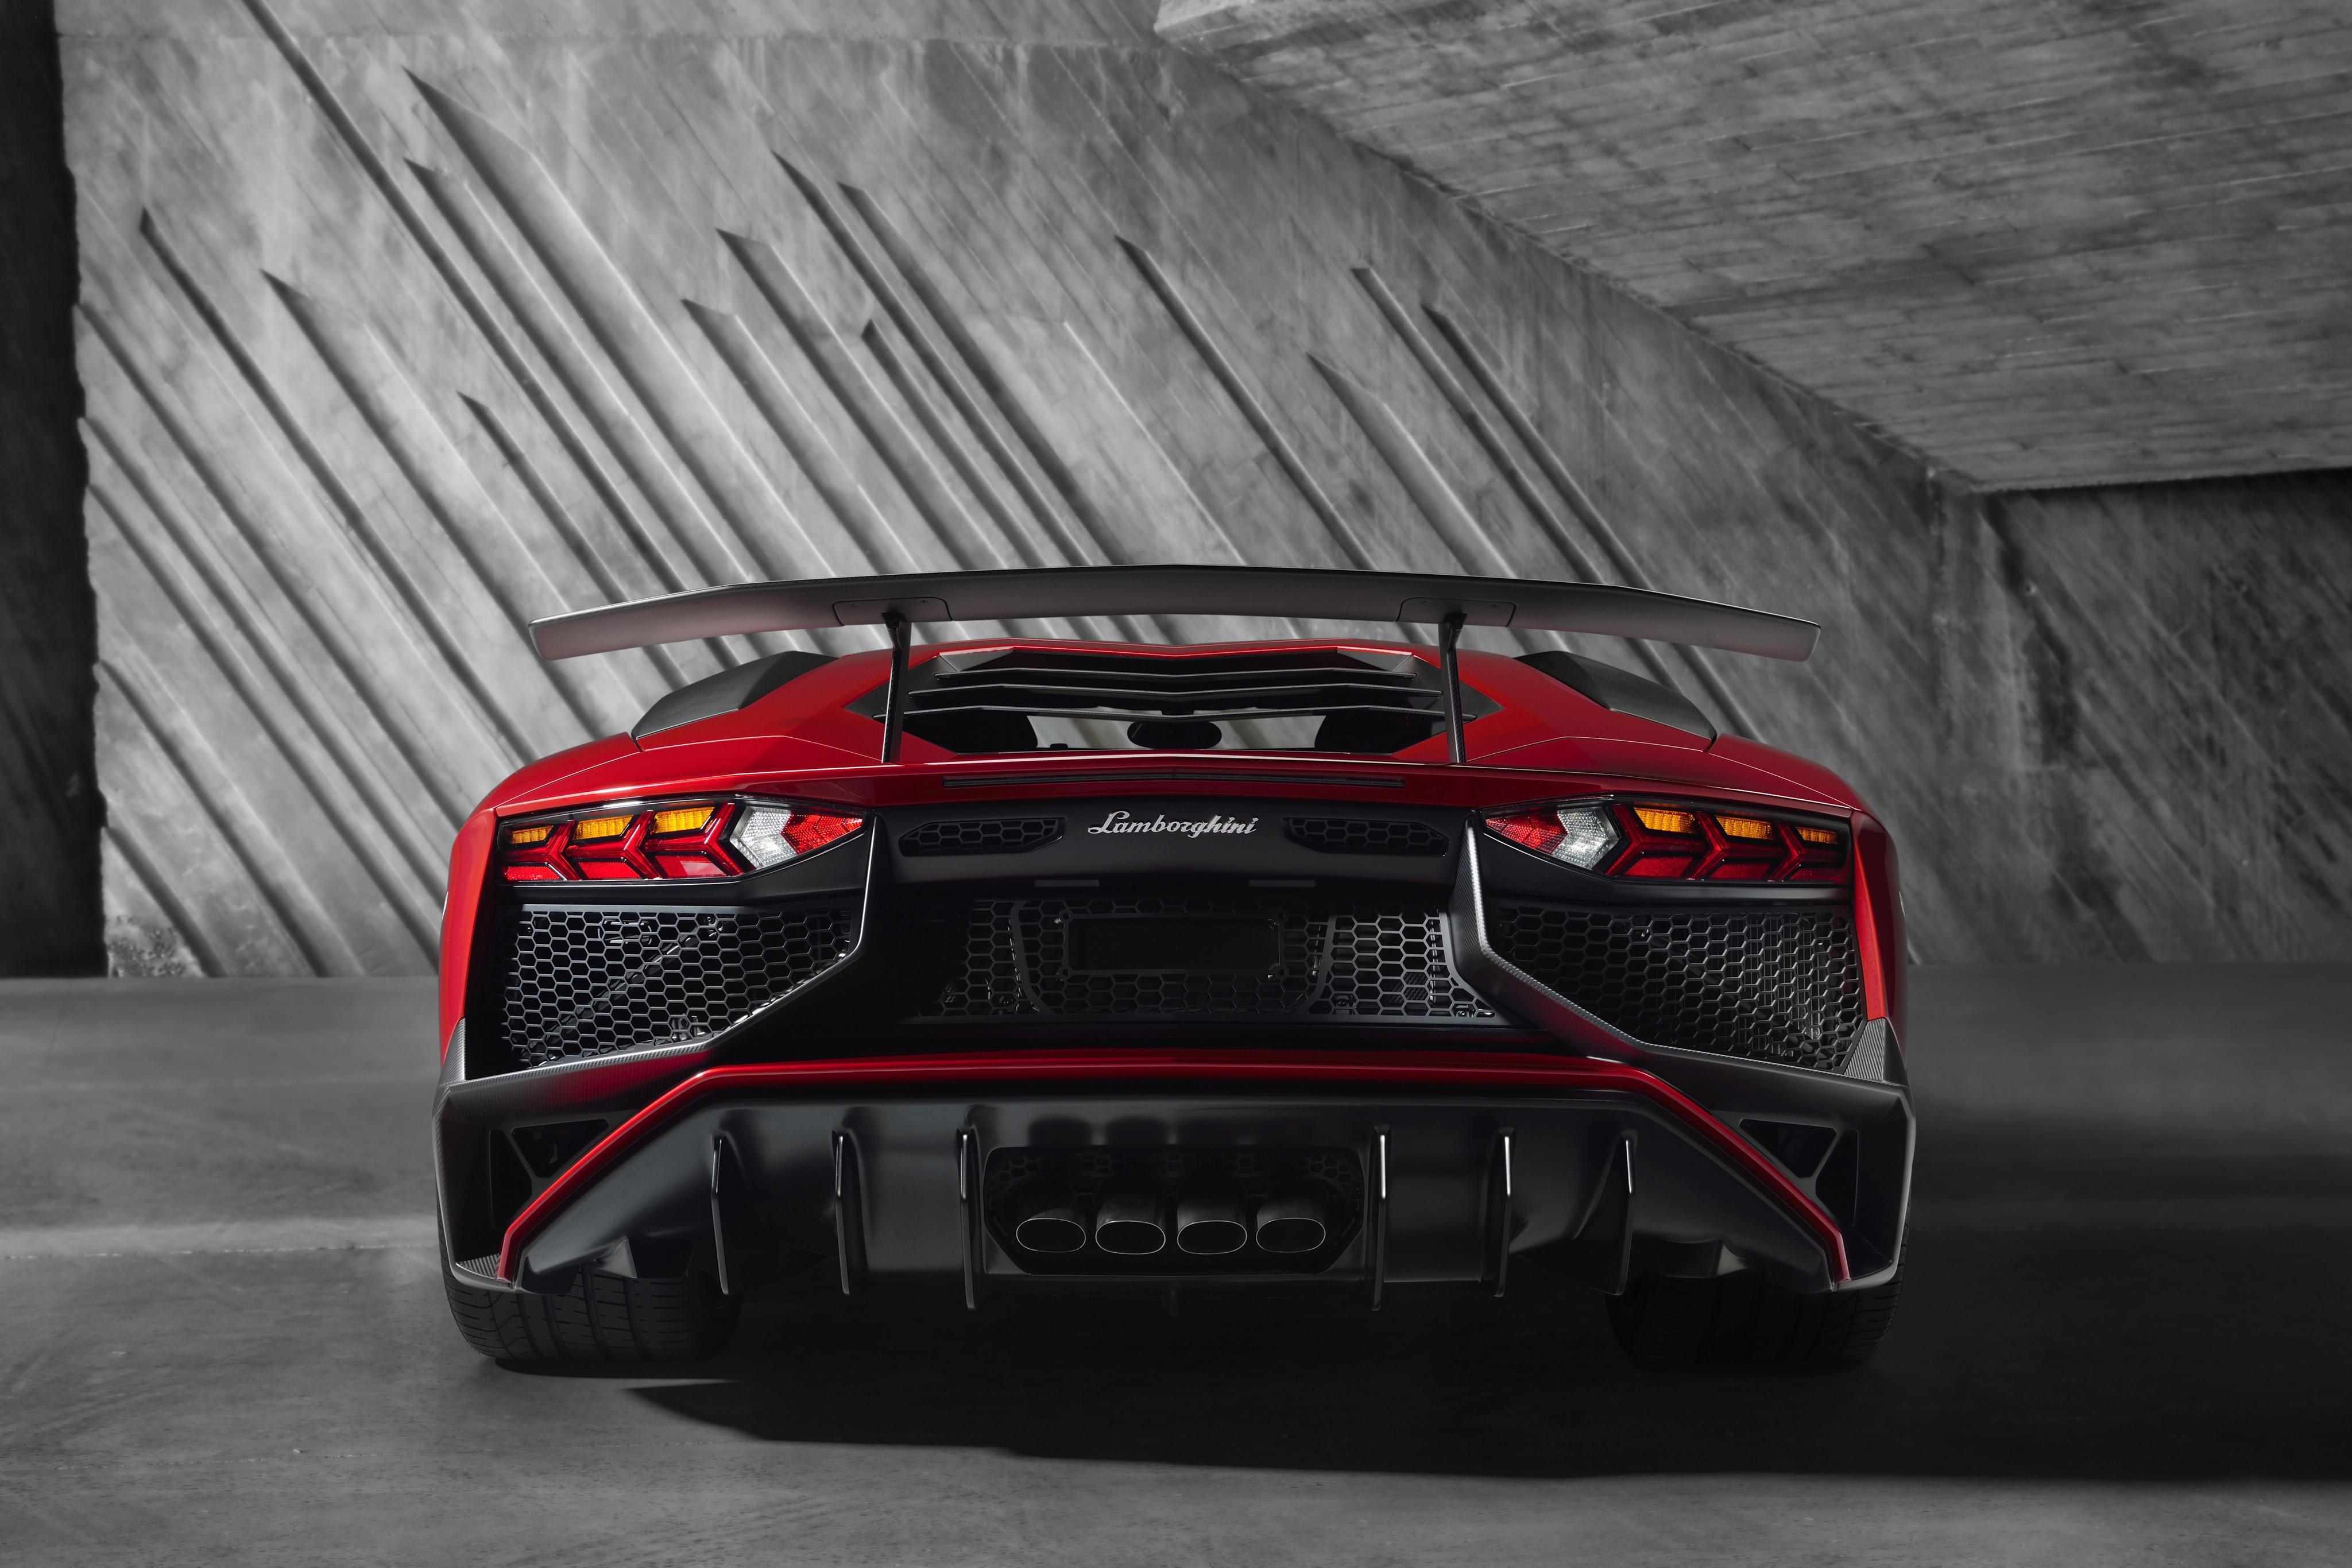 Lamborghini Aventador Lp750 4 Sv Specs 2015 2016 2017